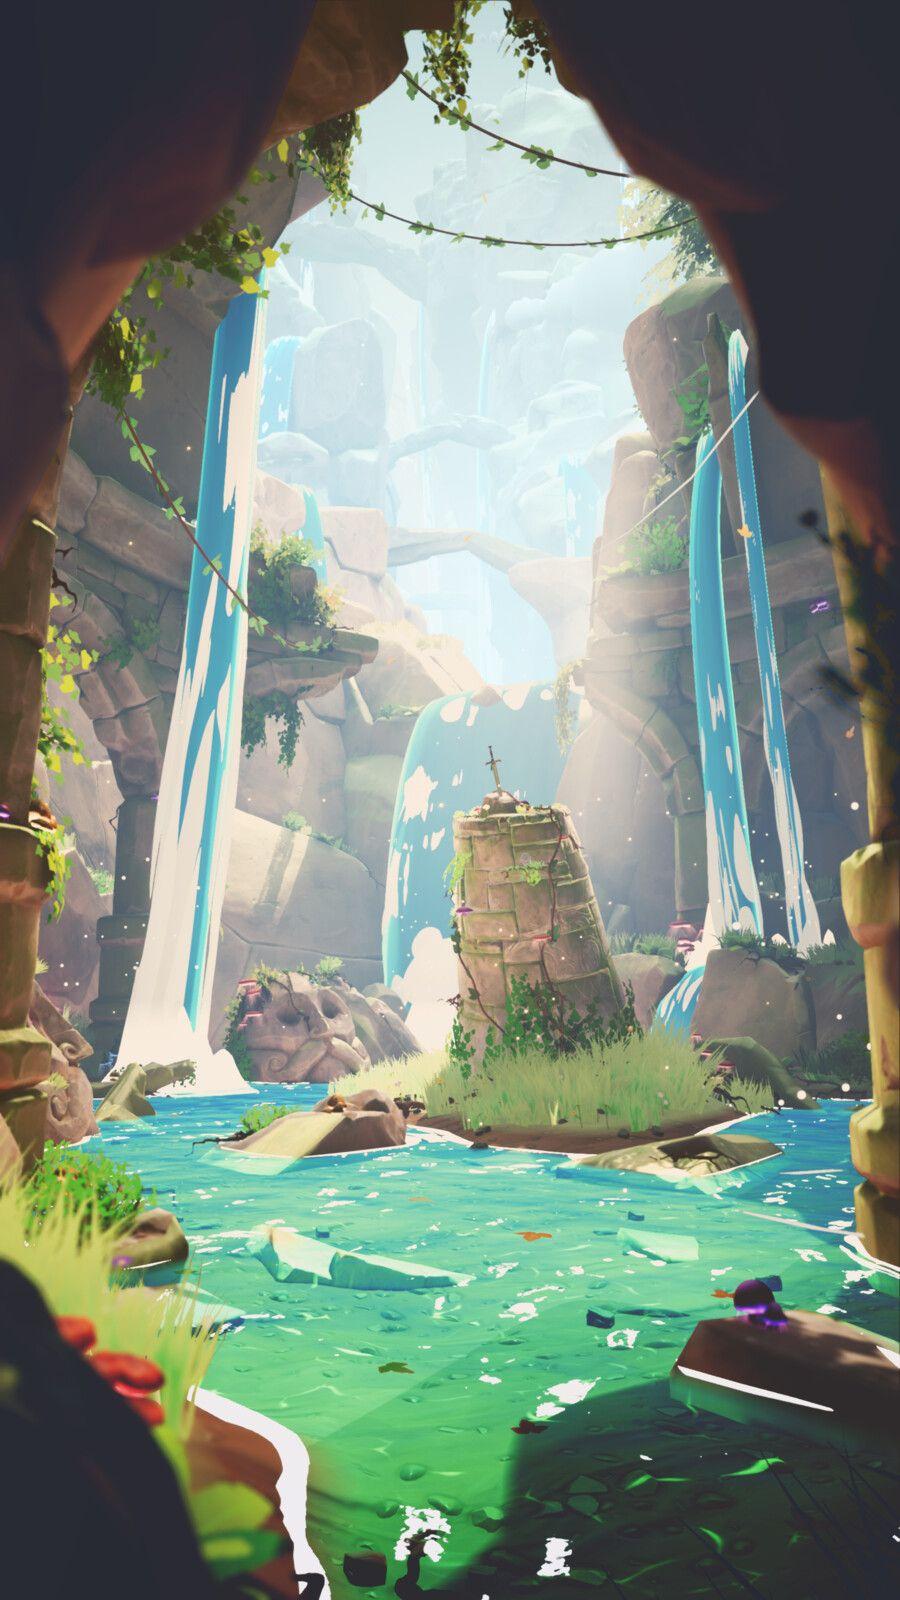 900 Worlds Ideas In 2021 Concept Art Environment Concept Art Environmental Art